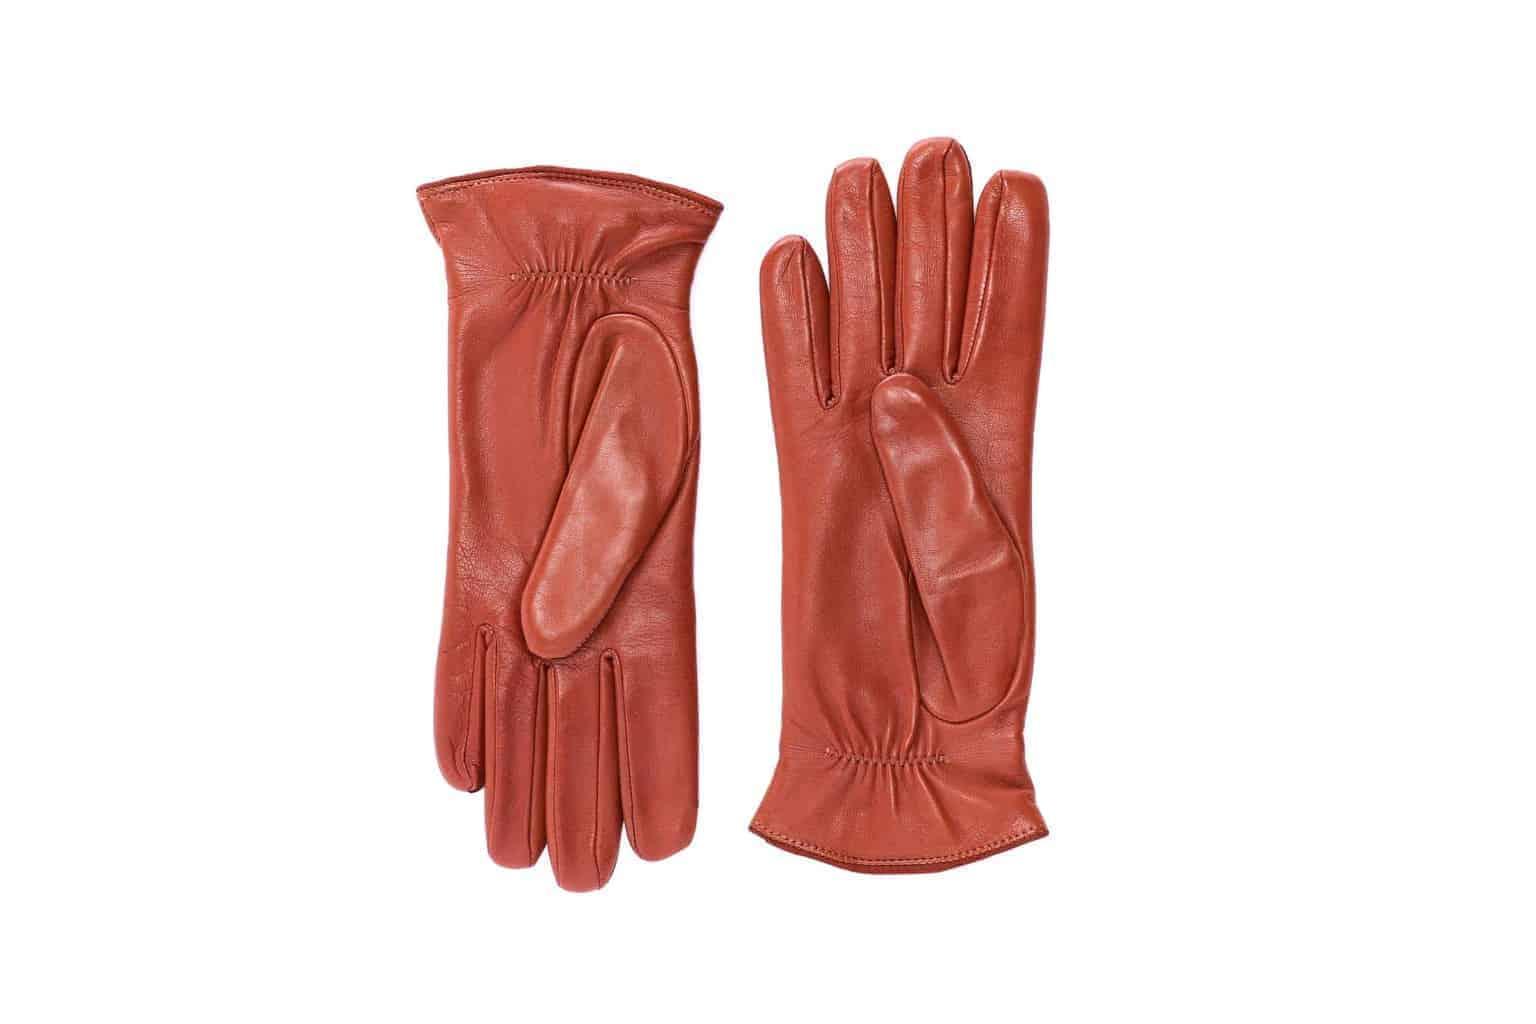 Eksklusive Roeckl-hansker til dame i lammeskinn 13011, kork brun saddle brown, undersiden av hanskene